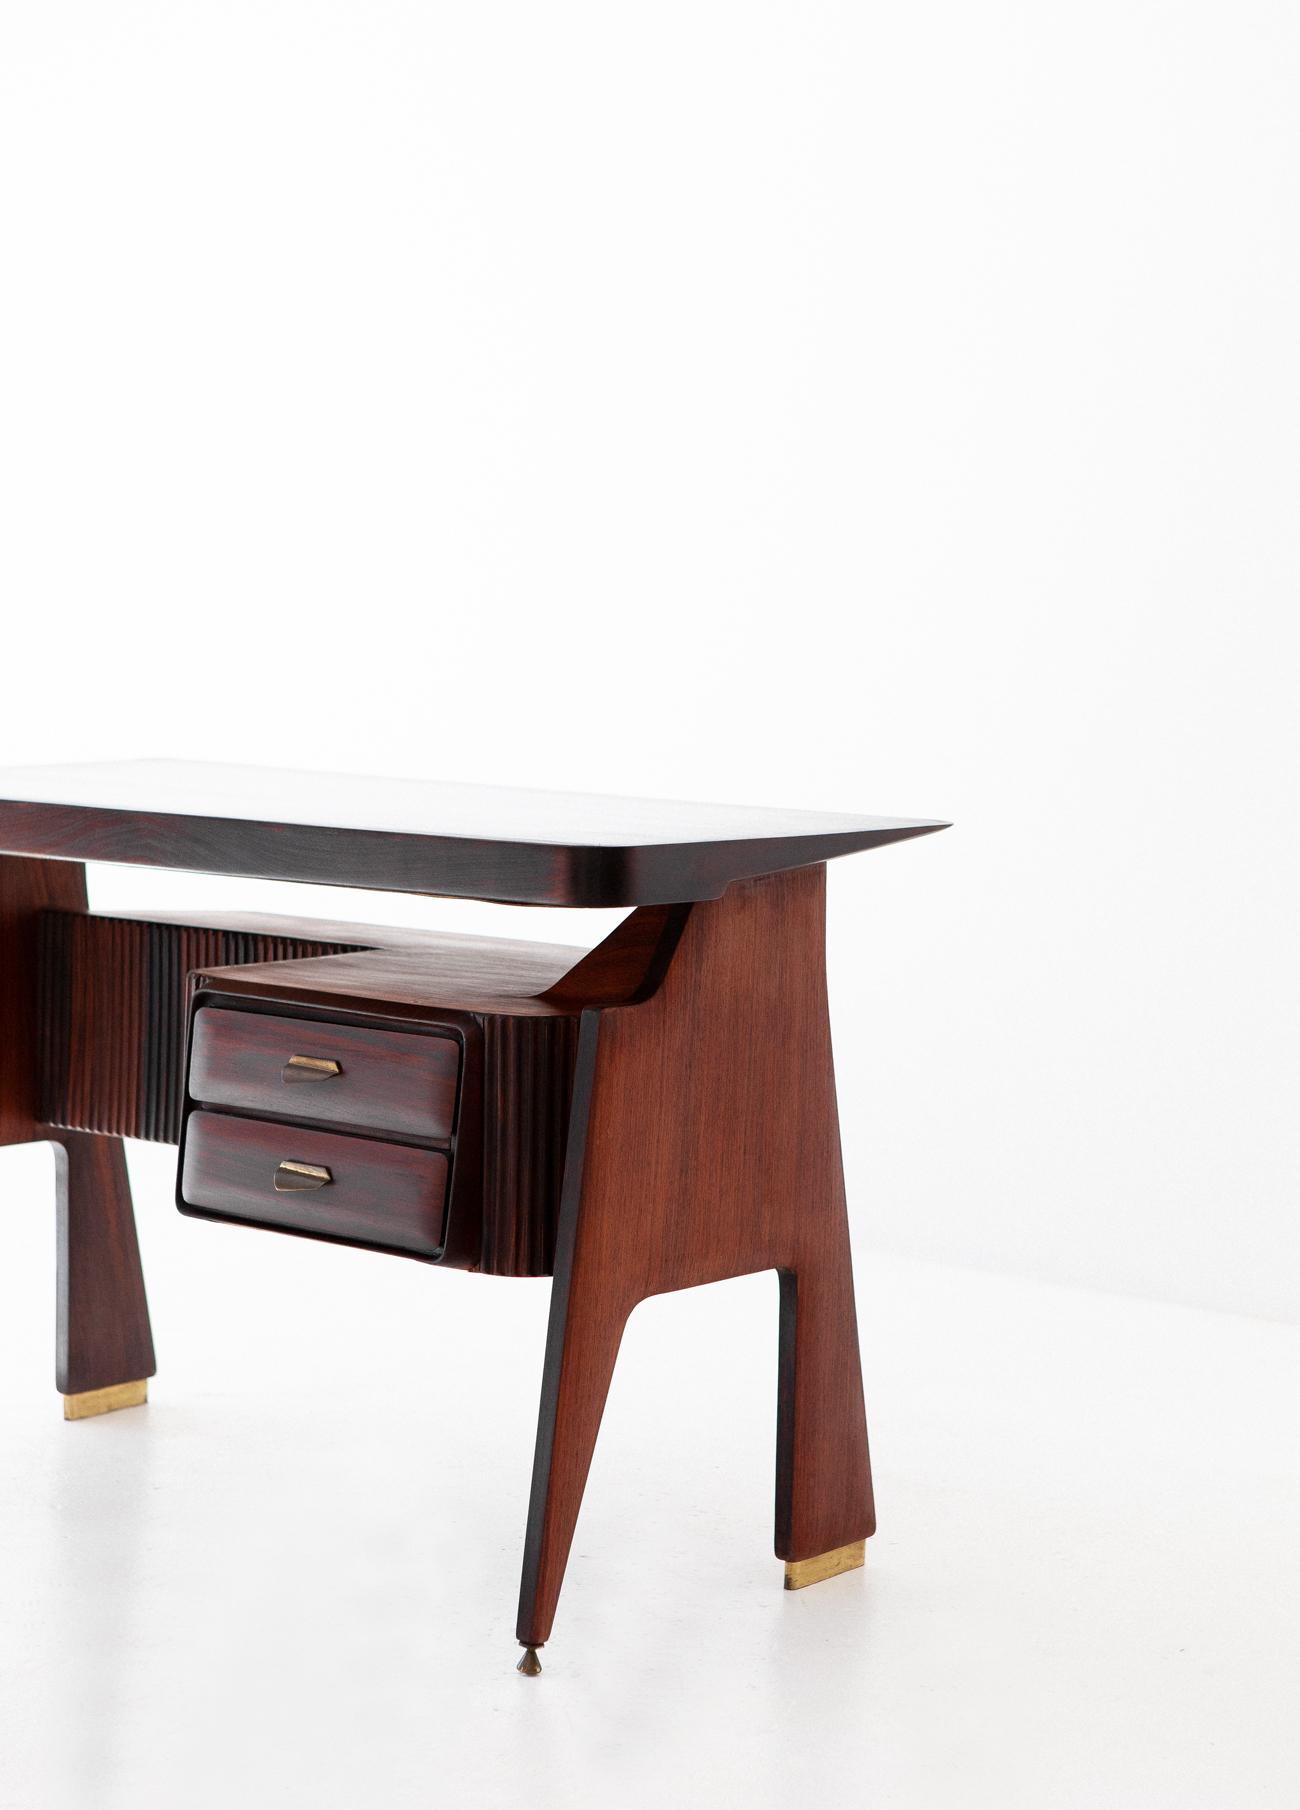 1950s-Italian-rosewood-desk-table-dassi-8-d28